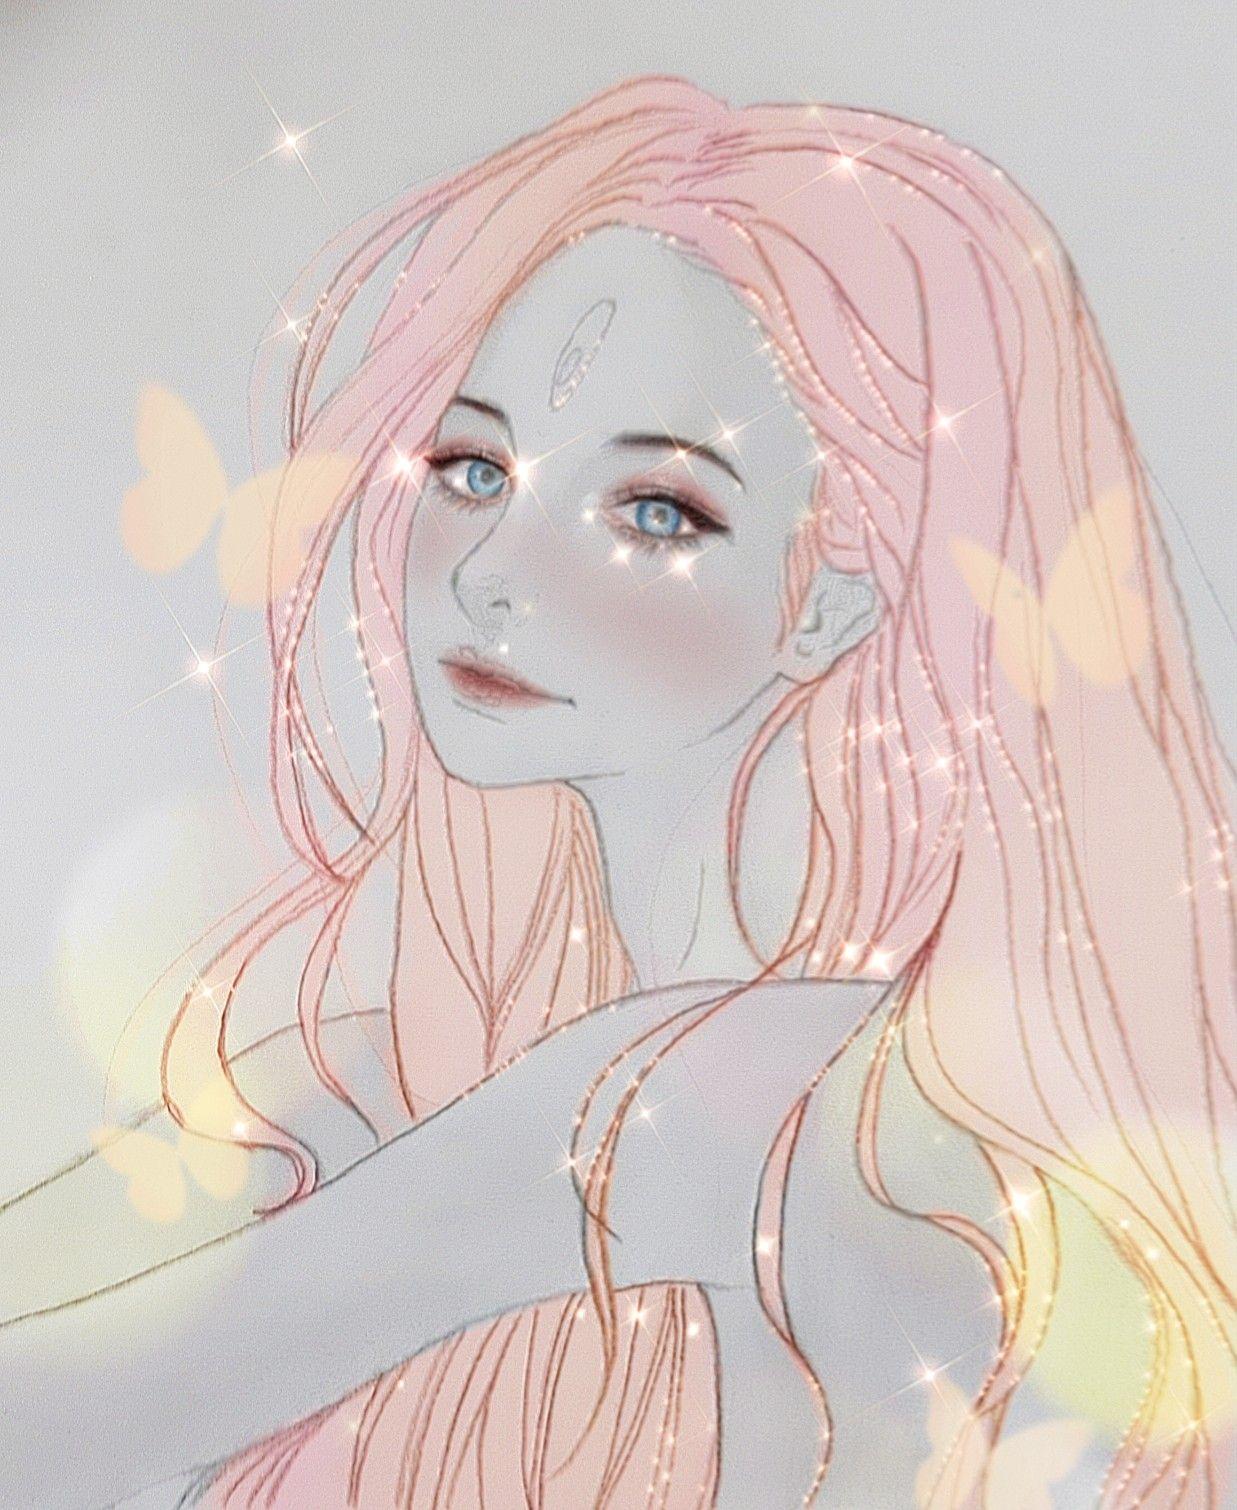 mystique in 2020 Mystique, Anime, Painting